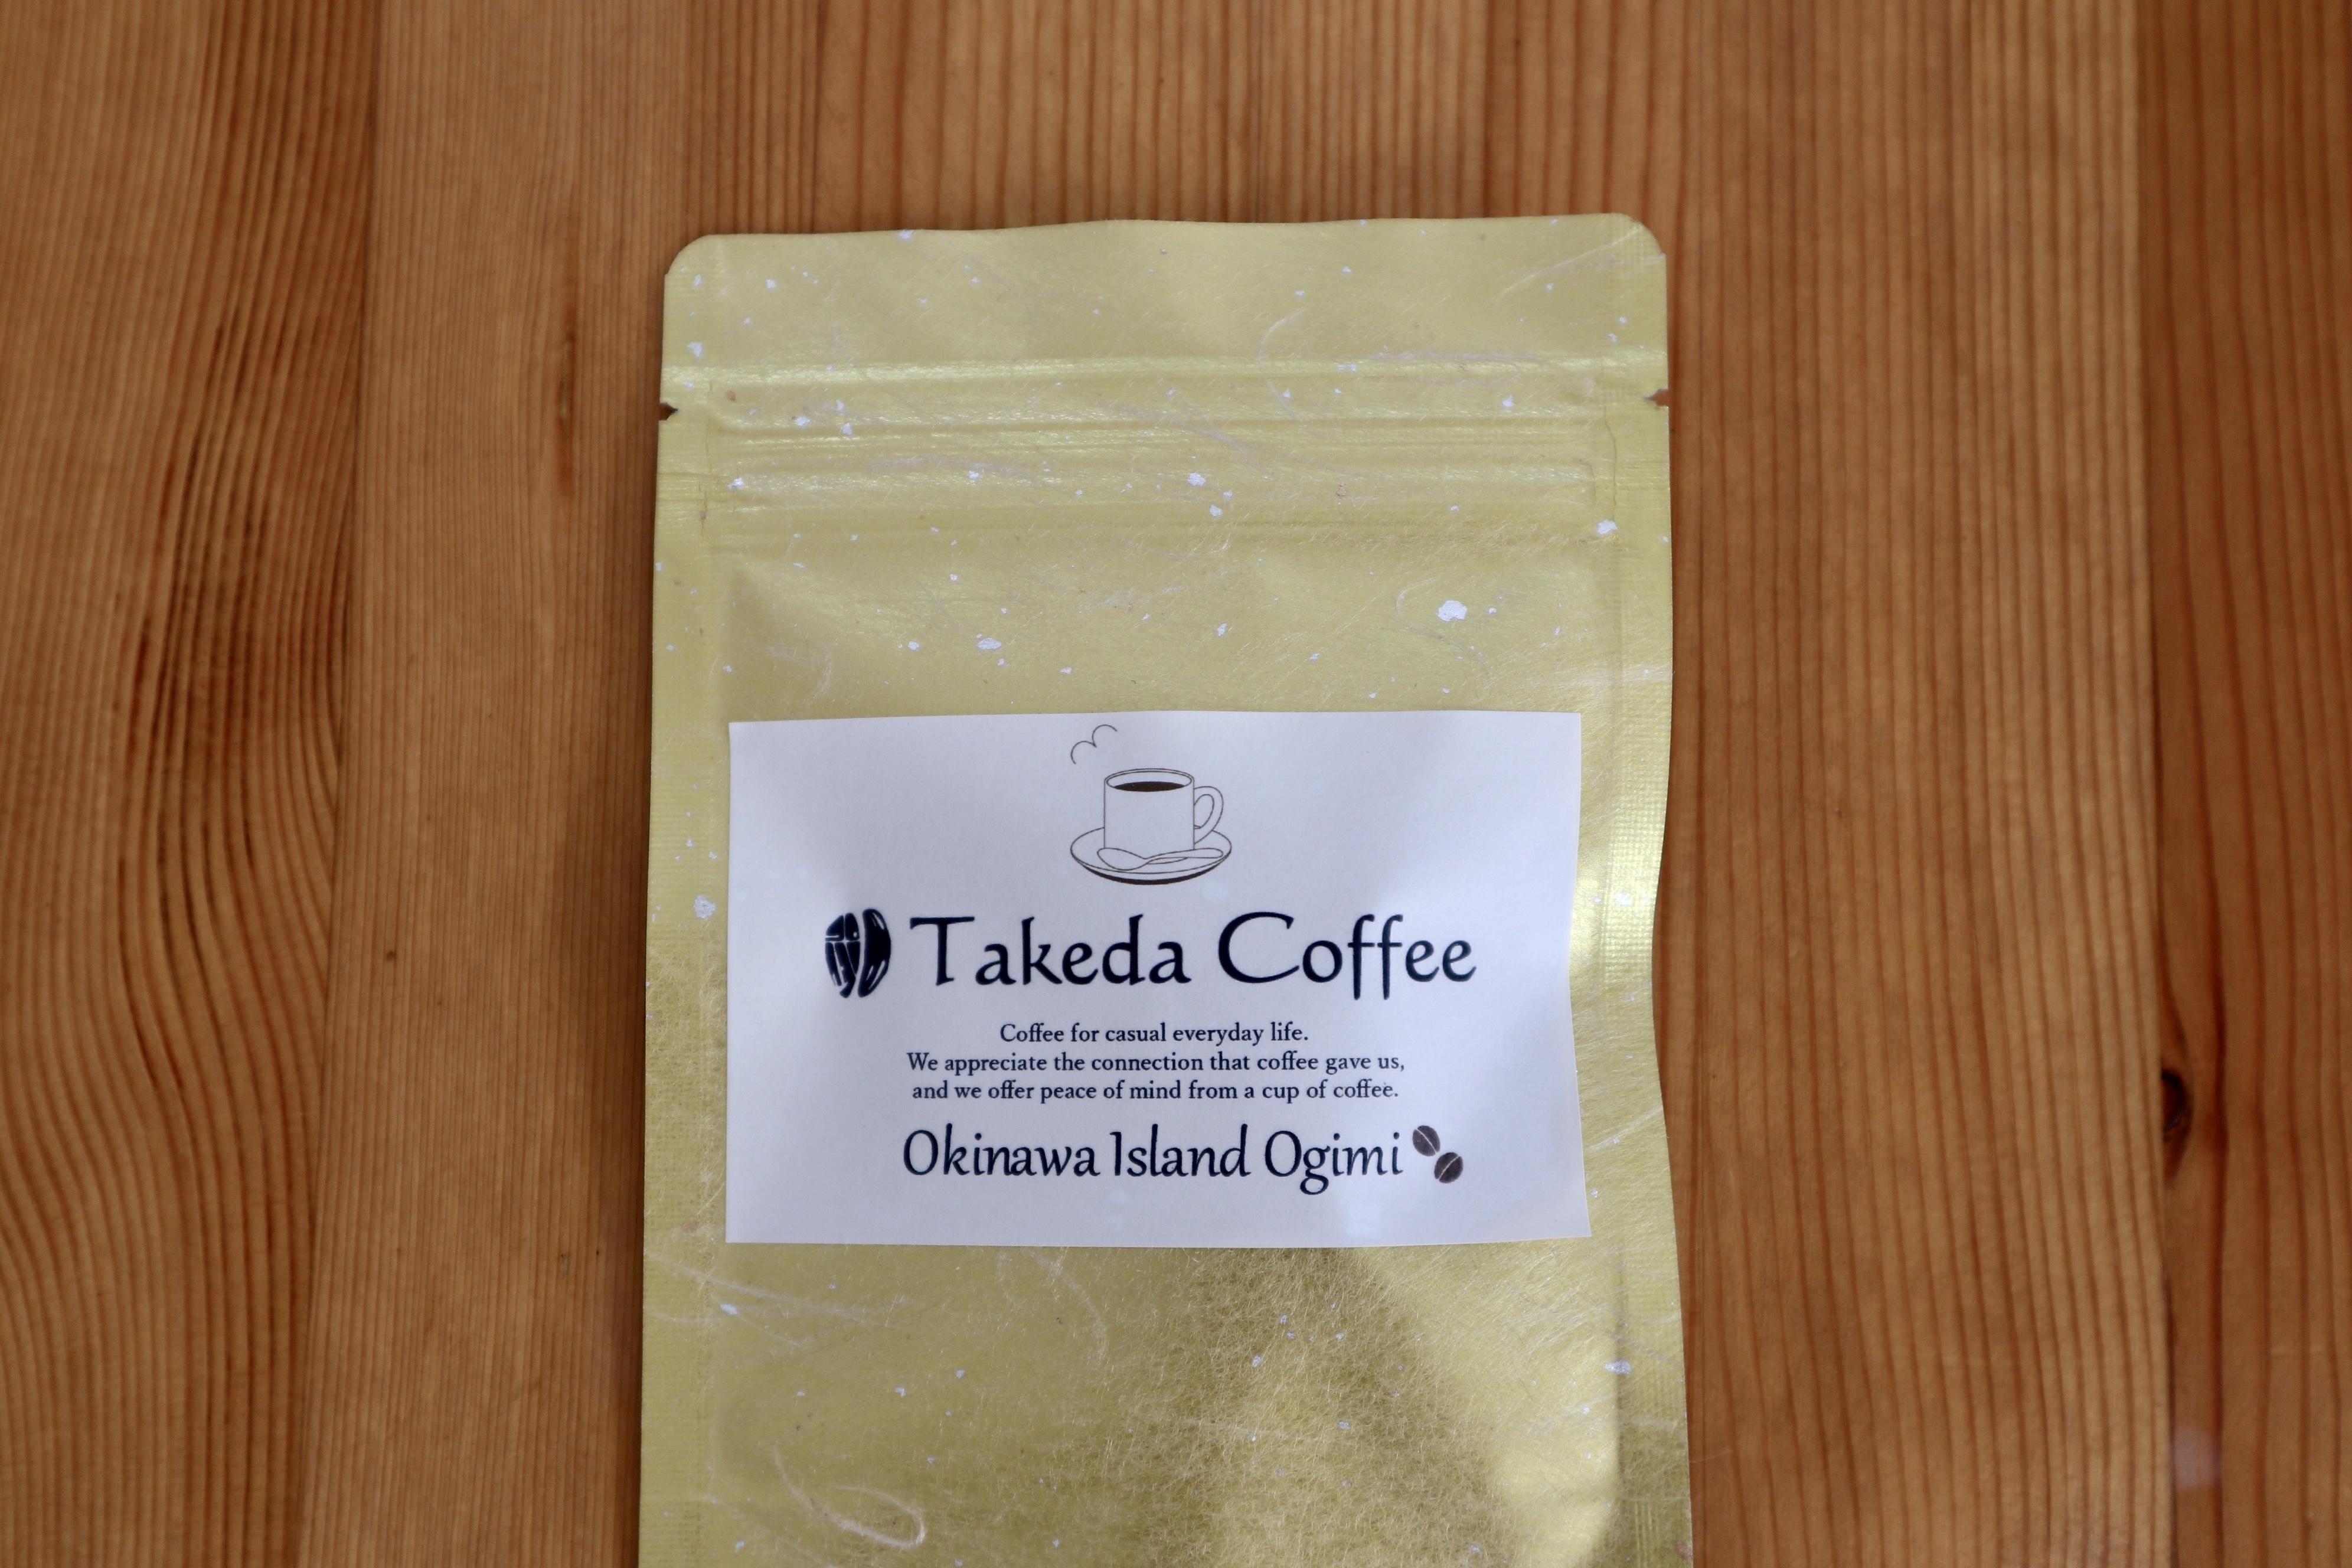 沖縄本島 大宜味コーヒー ドリップパック1個(10g)